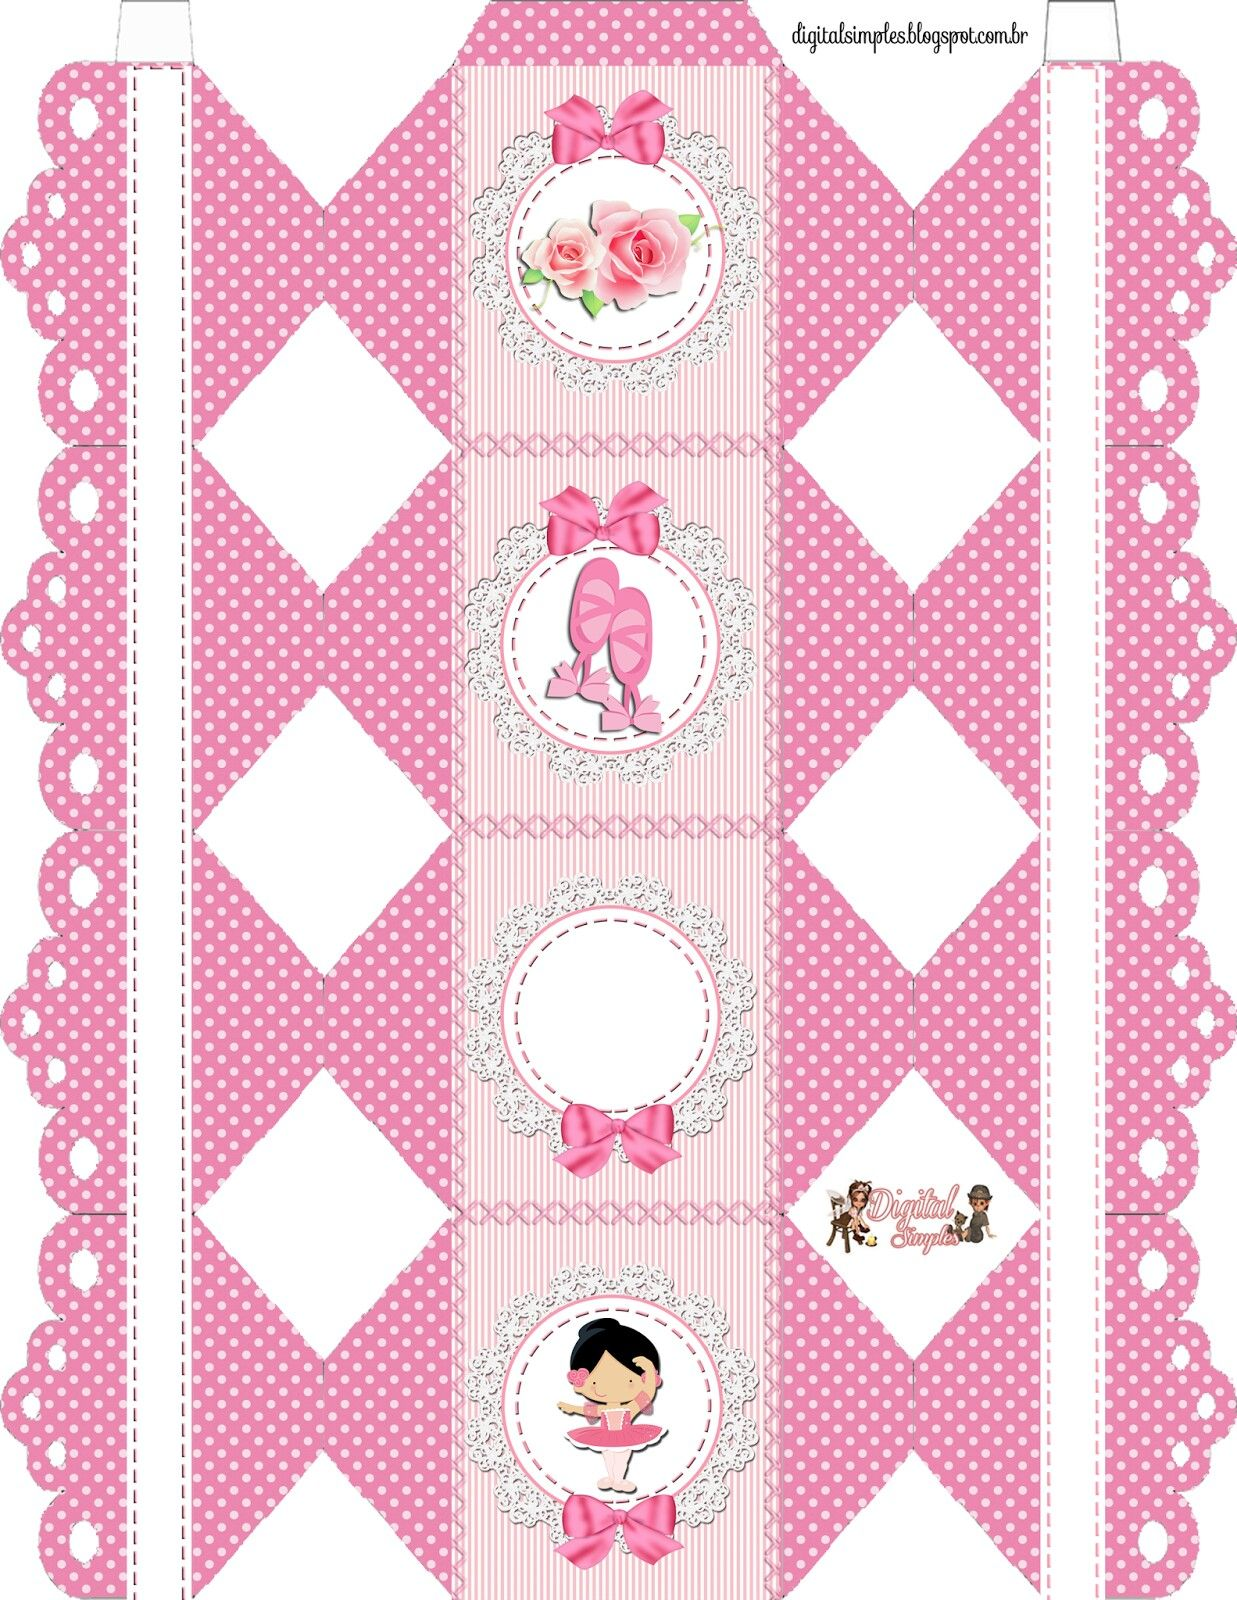 Caja caramelo | moldes de cajas y kits para fiestas | Pinterest ...